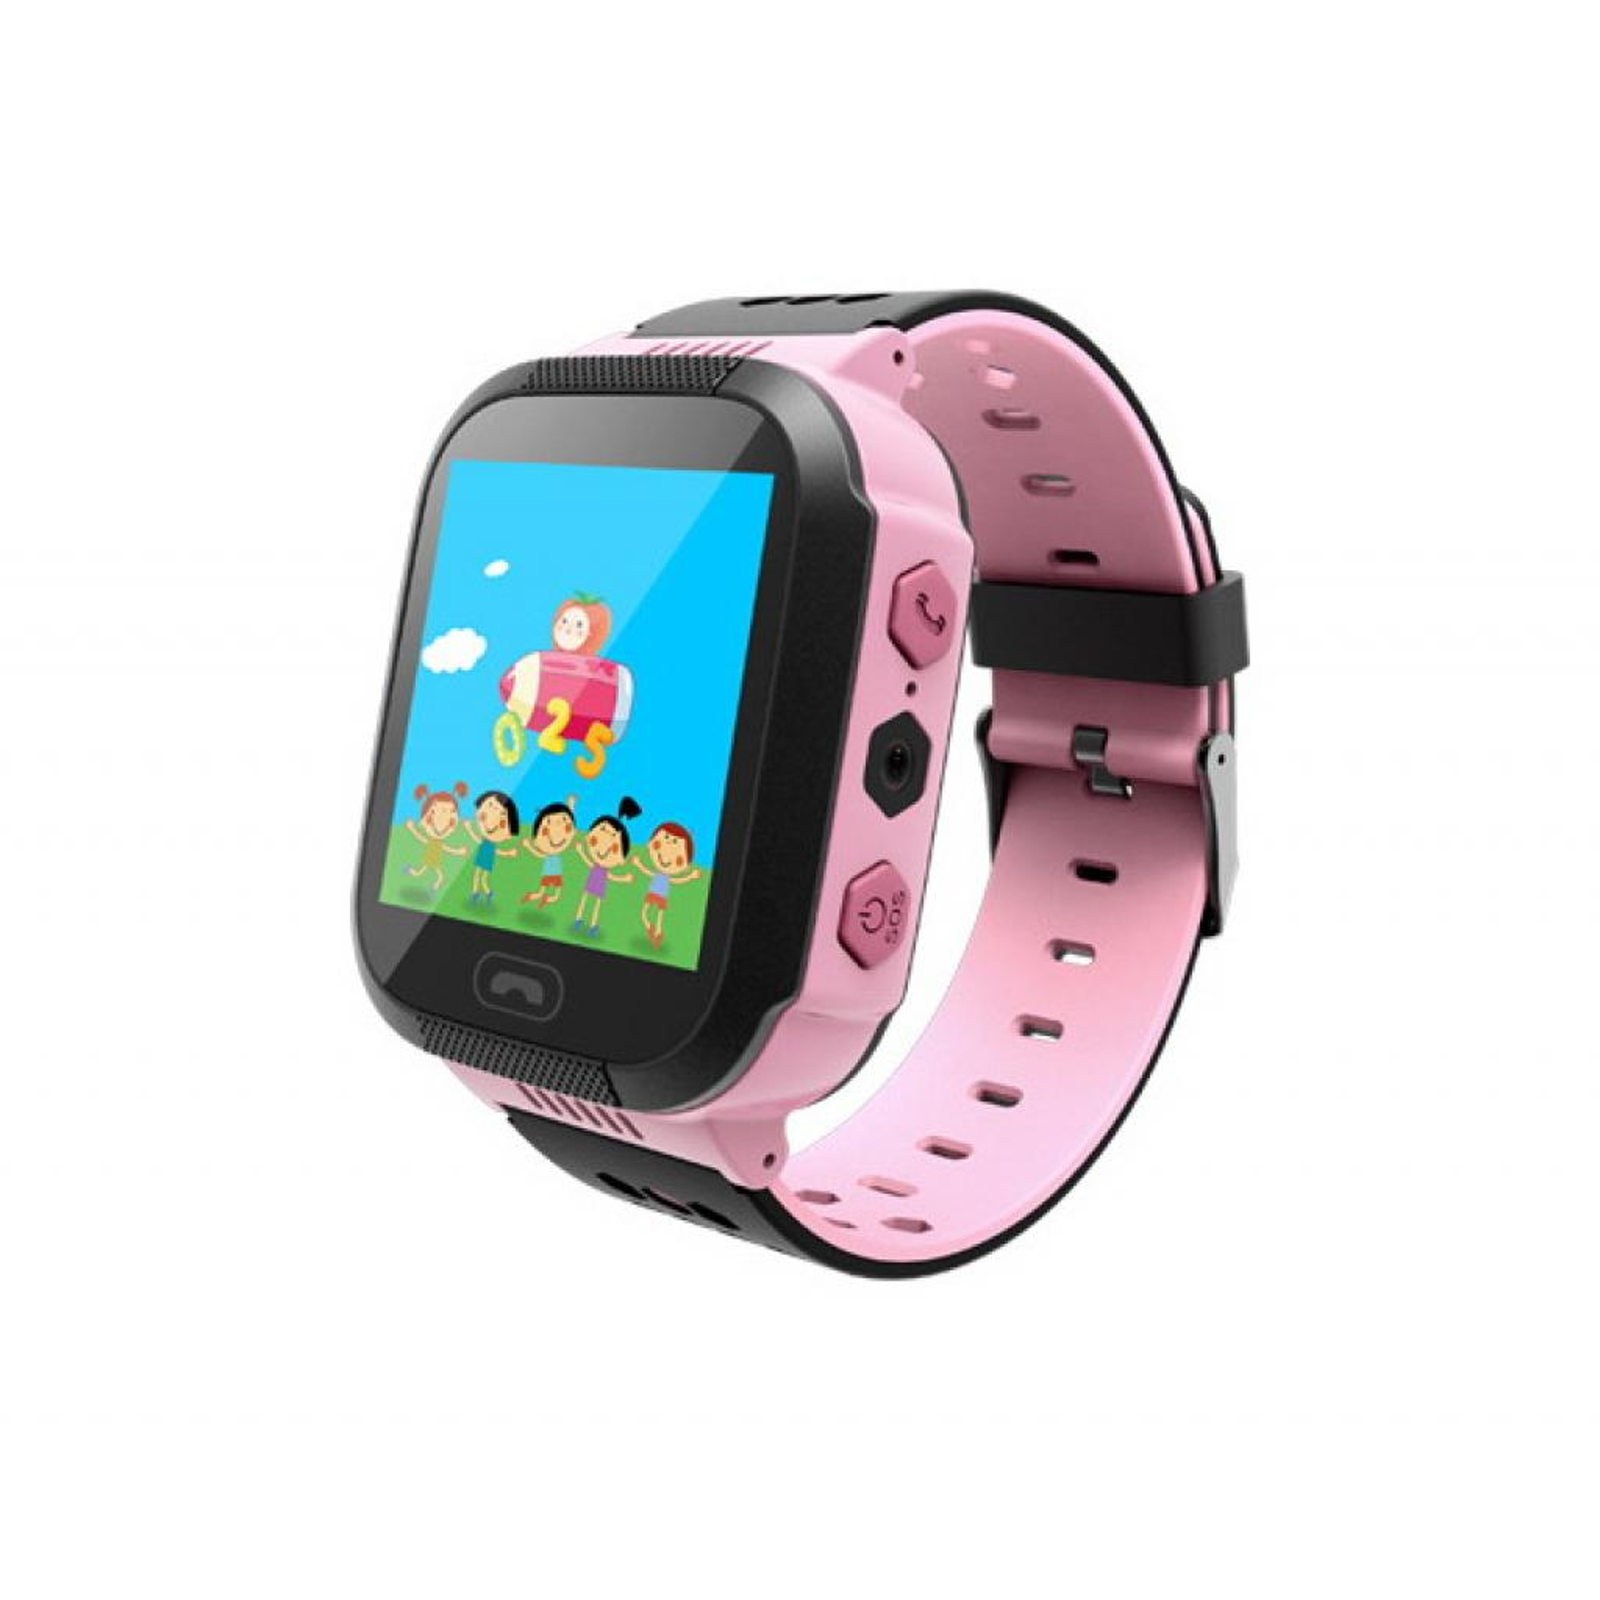 Смарт-часы GoGPS ME К12 Розовые (K12PK) цены в Киеве и Украине ... 266299d8741f0